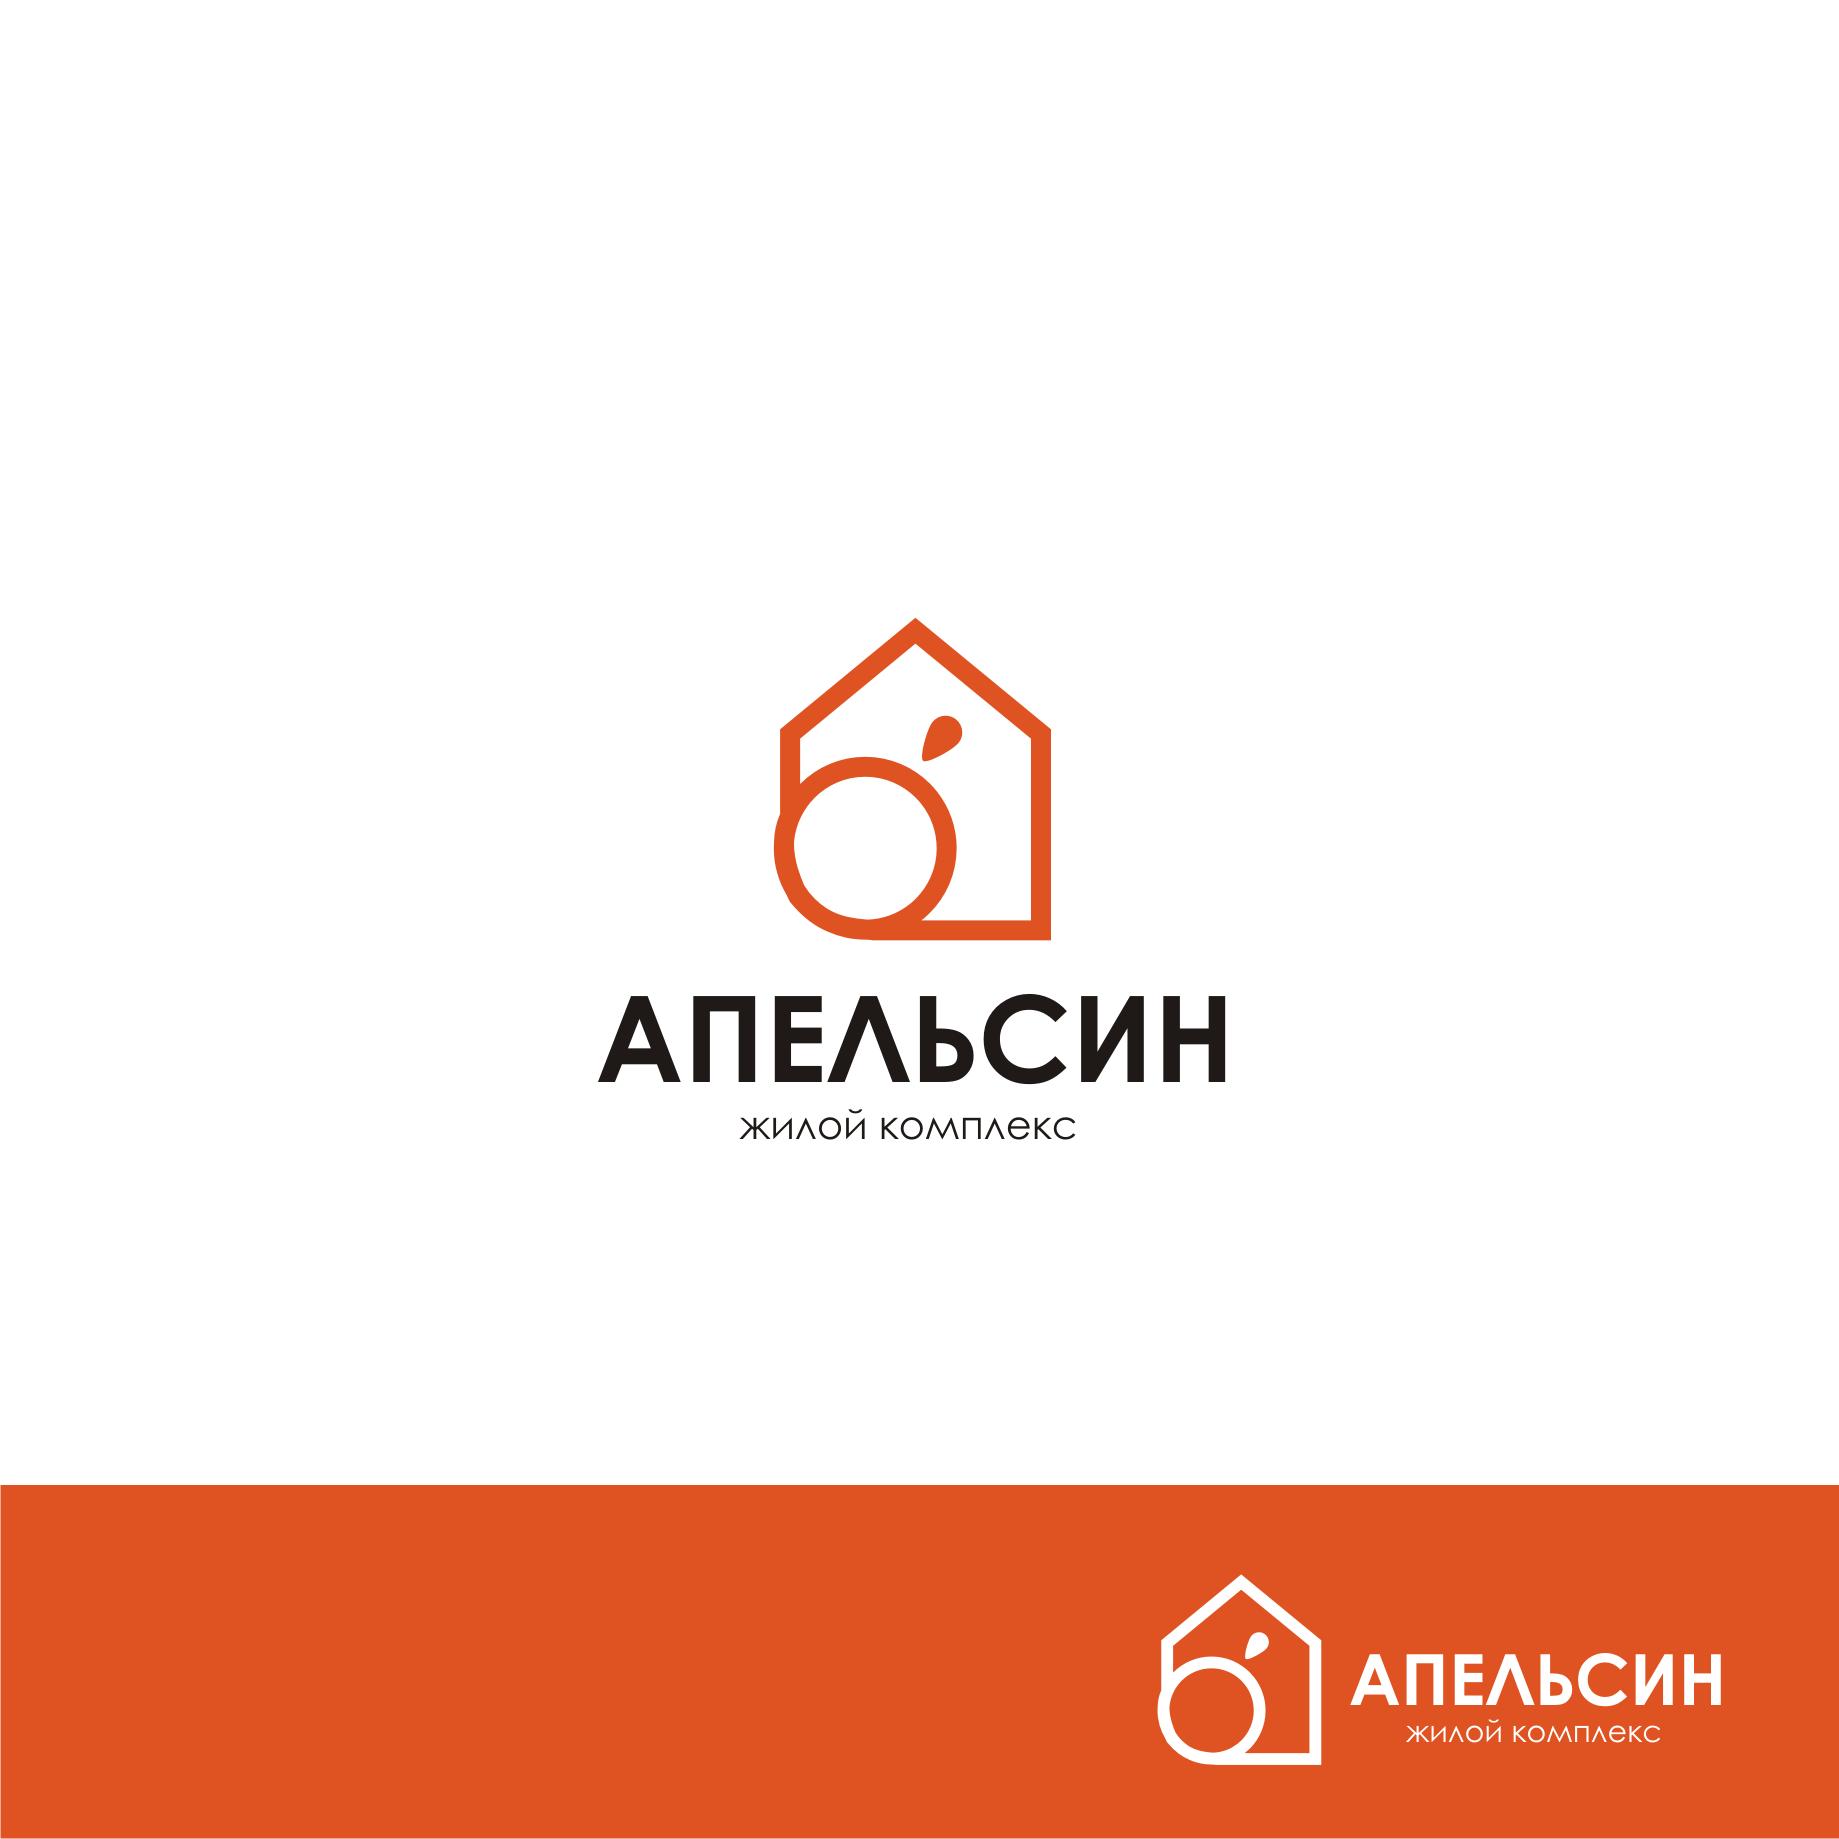 Логотип и фирменный стиль фото f_6945a58a77114795.png